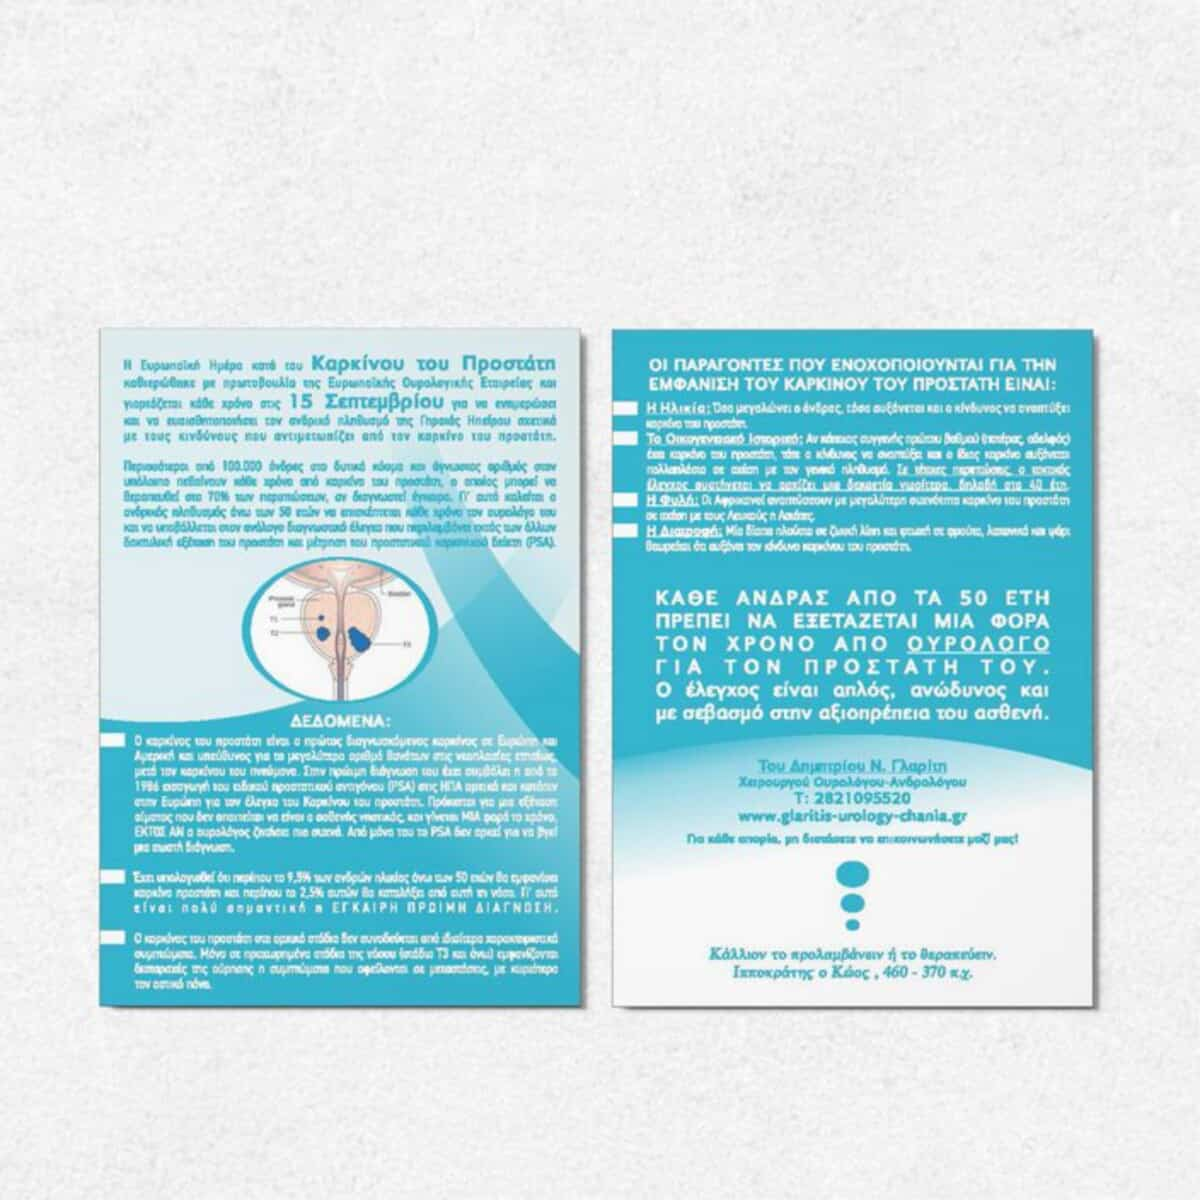 iatros-xania-design-filadio